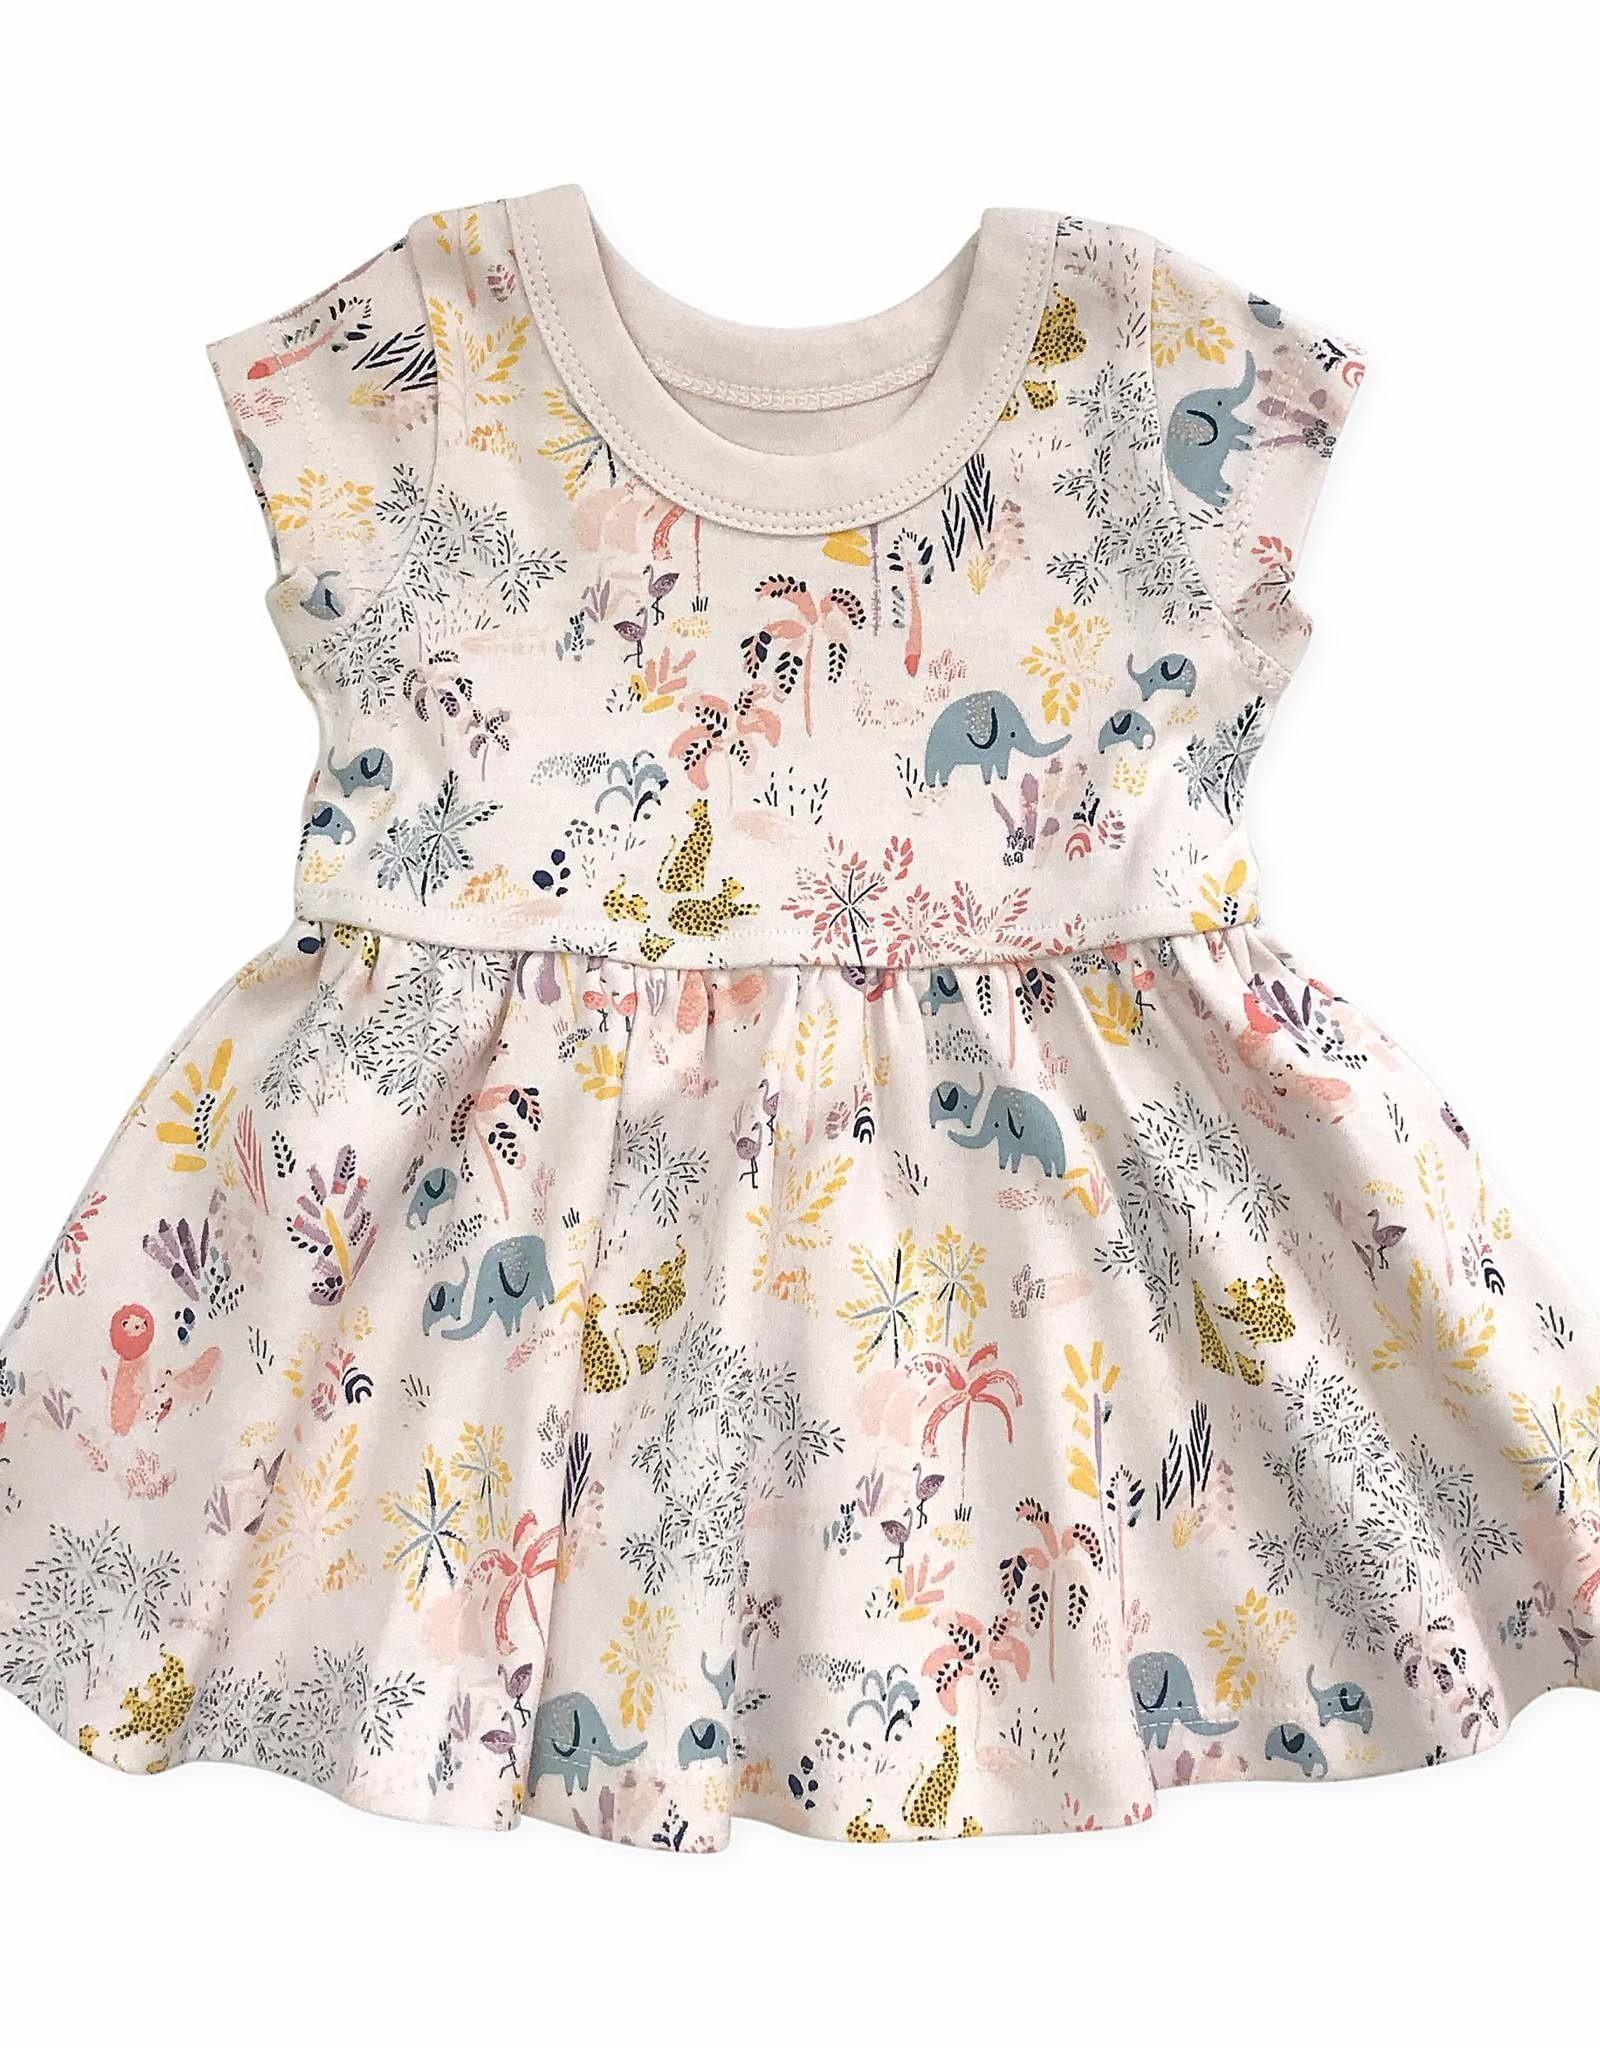 Finn & Emma Savanna Twirl Dress